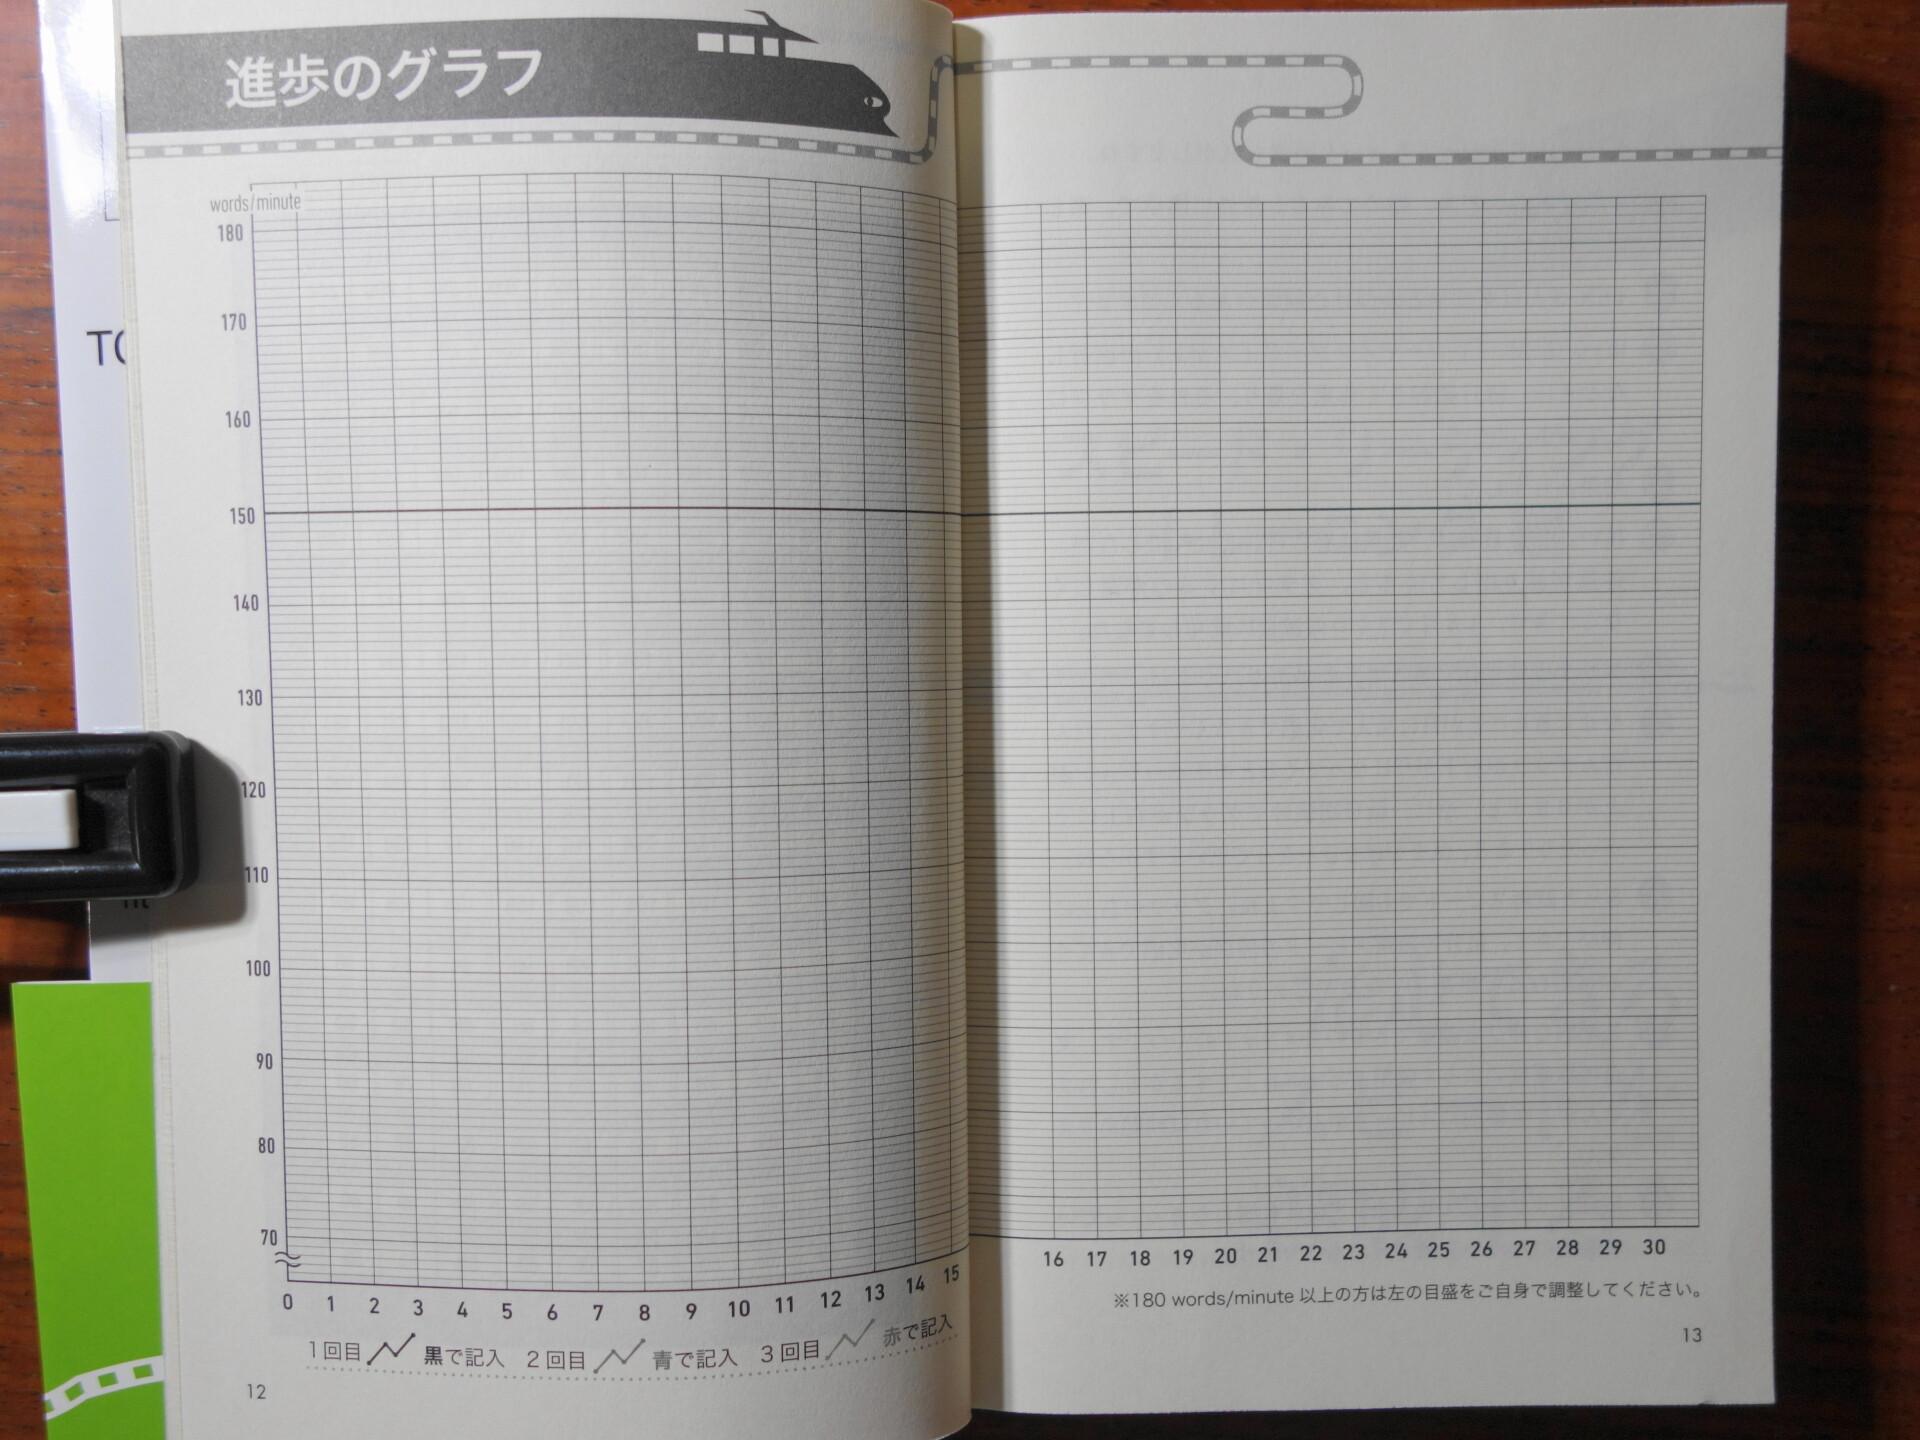 進歩のグラフ